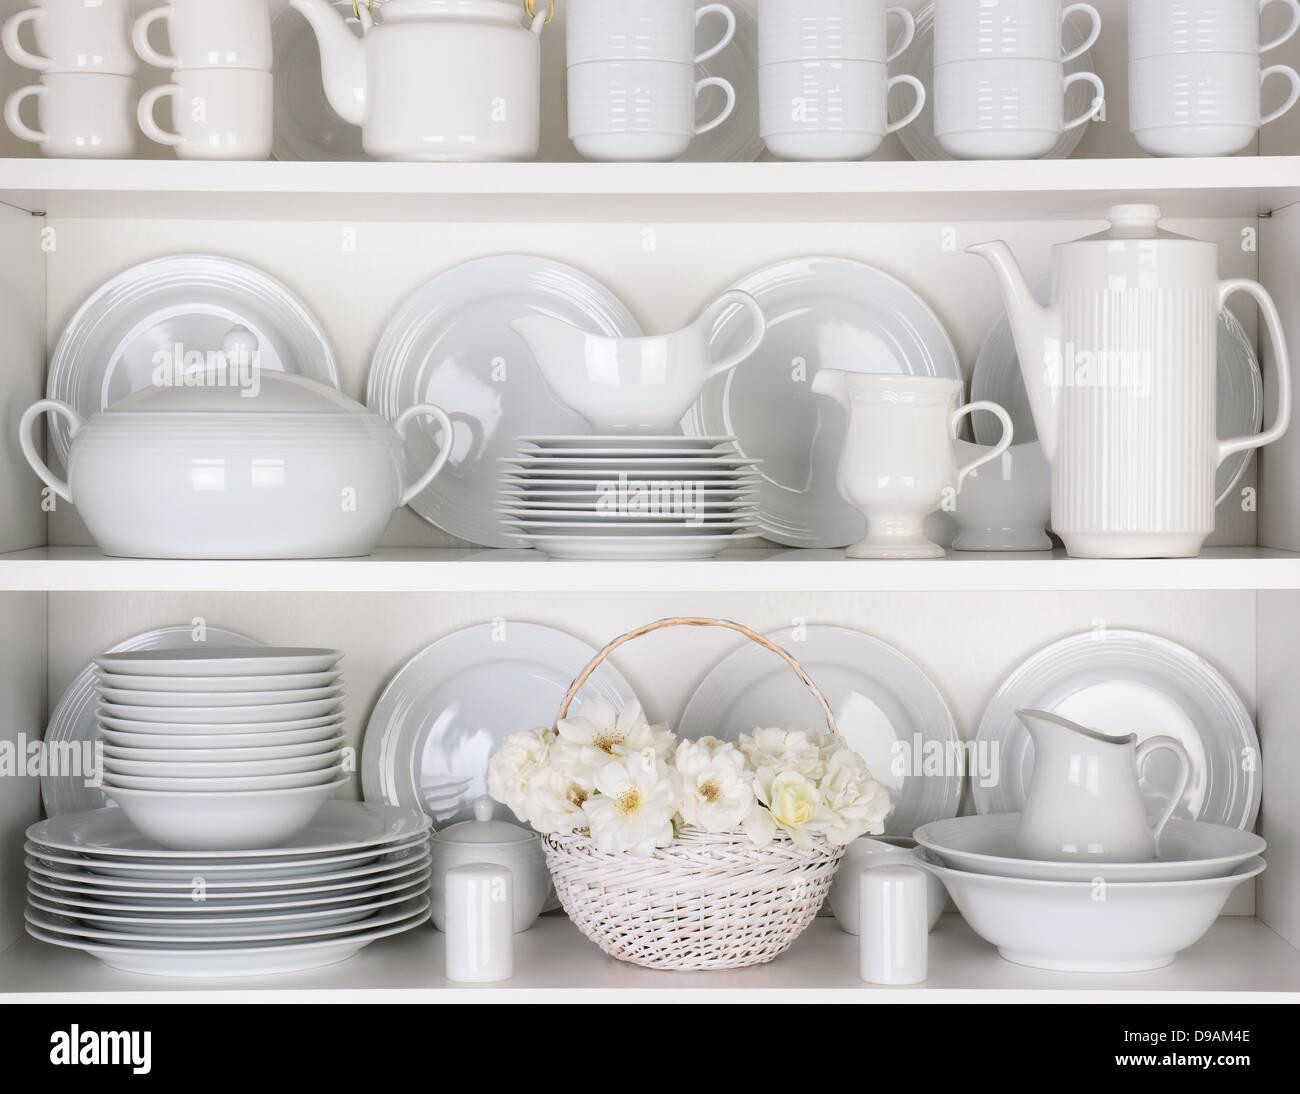 Nahaufnahme des weißen Teller und Geschirr in einem Schrank. Ein ...